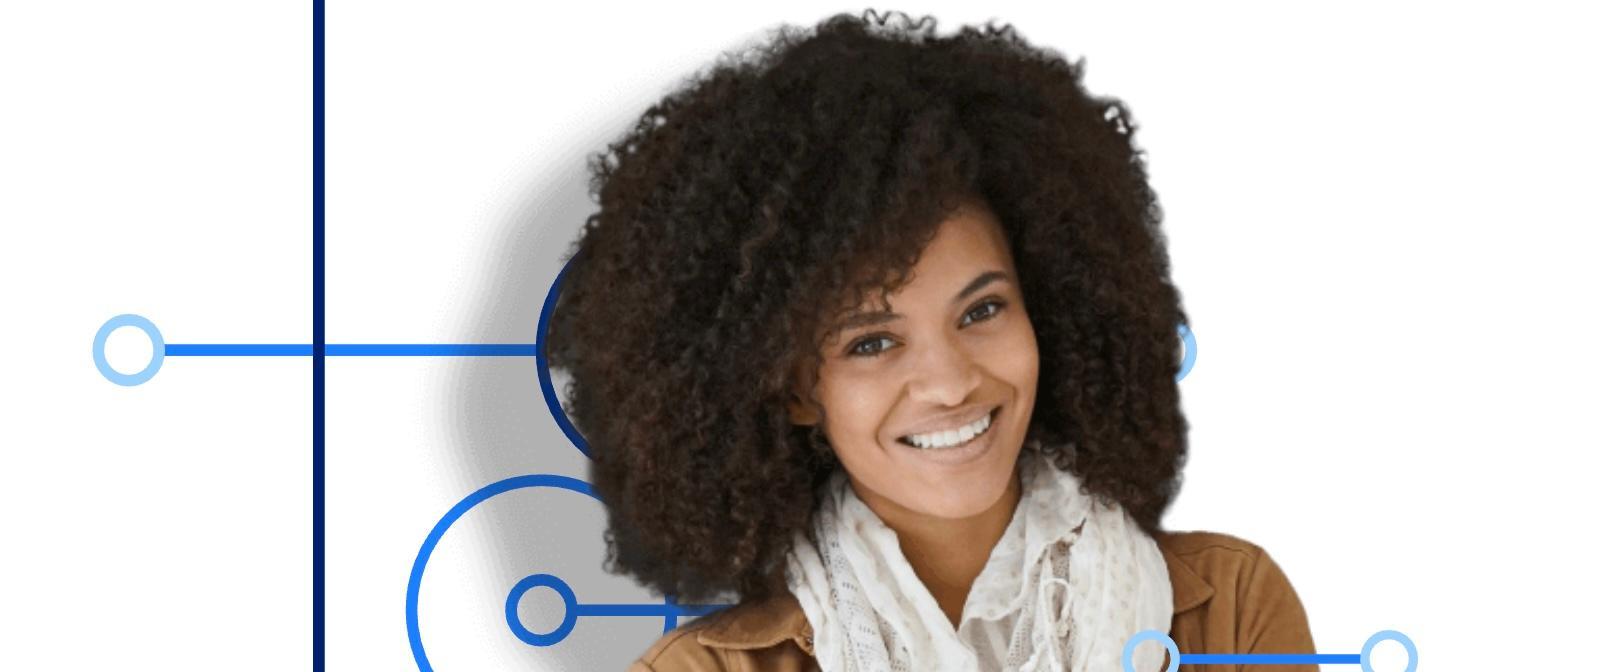 Review Mavenlink: Professional Project Management Solution - Appvizer